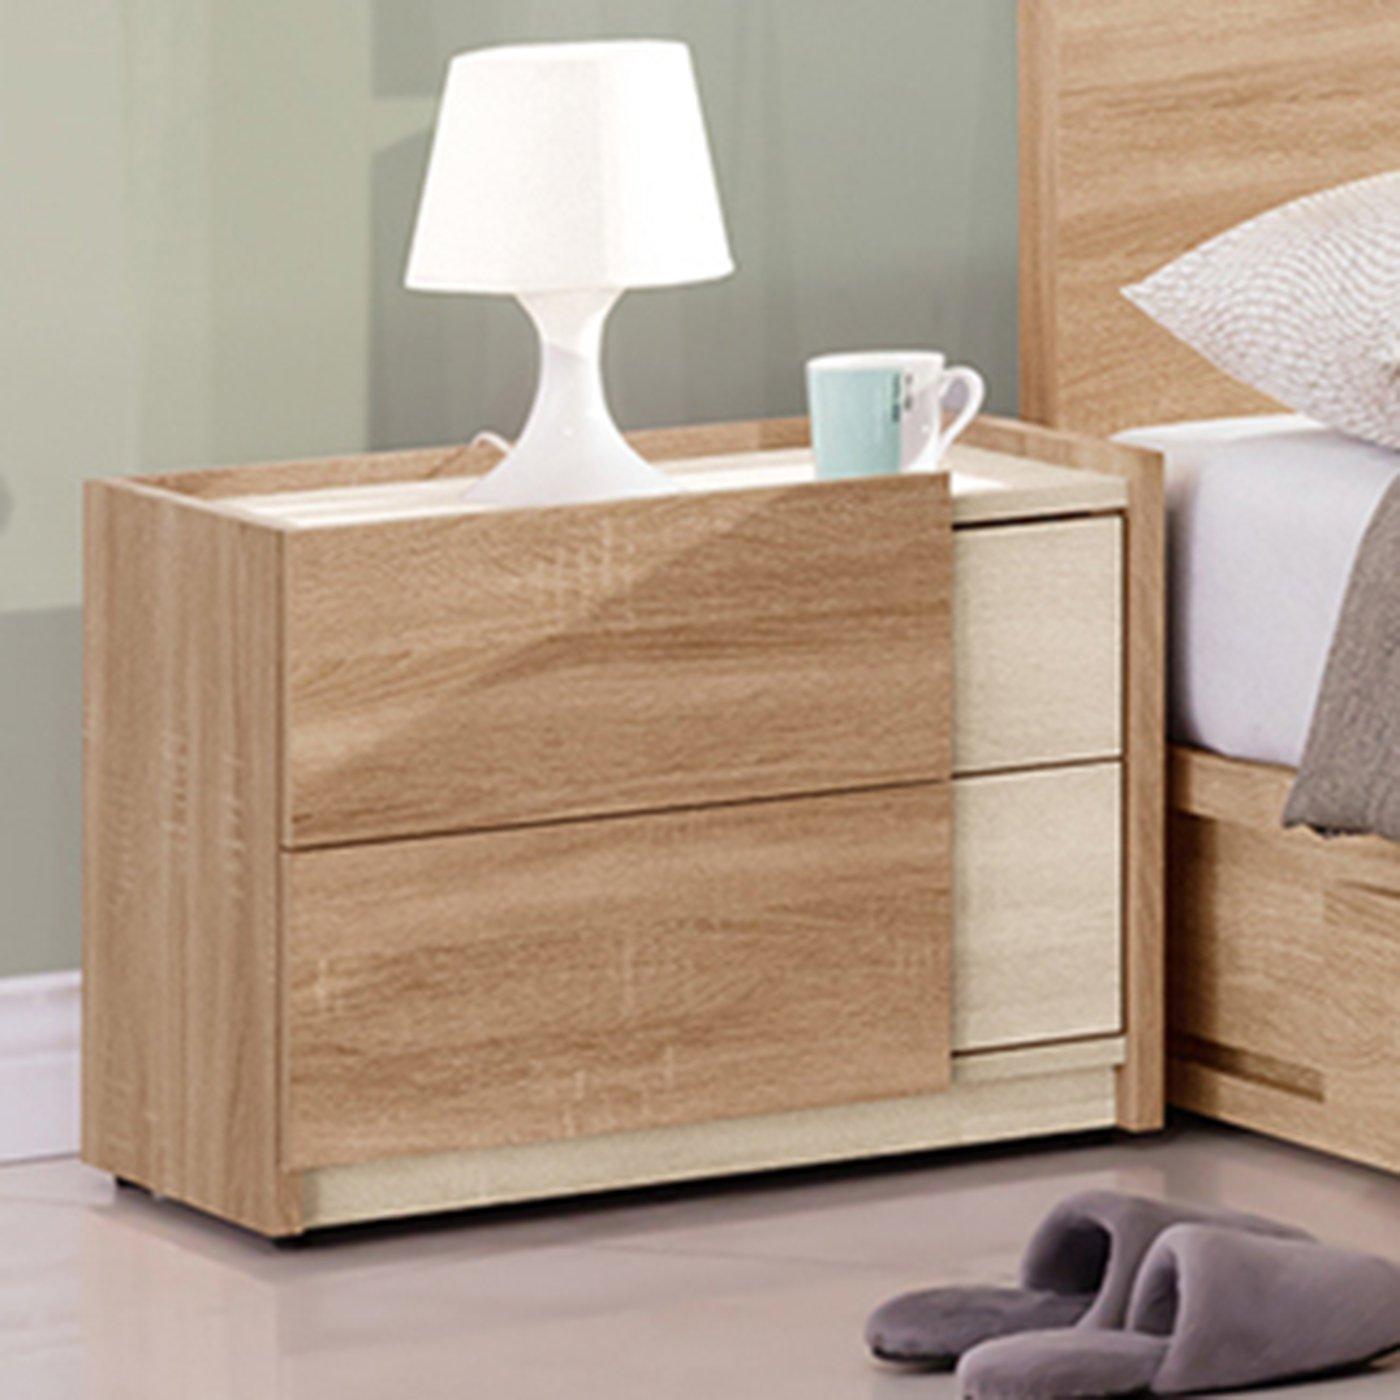 【優比傢俱 館】19 來來購-葛瑞絲浮雕耐磨橡木1.8尺二抽床頭櫃 ZX307-2